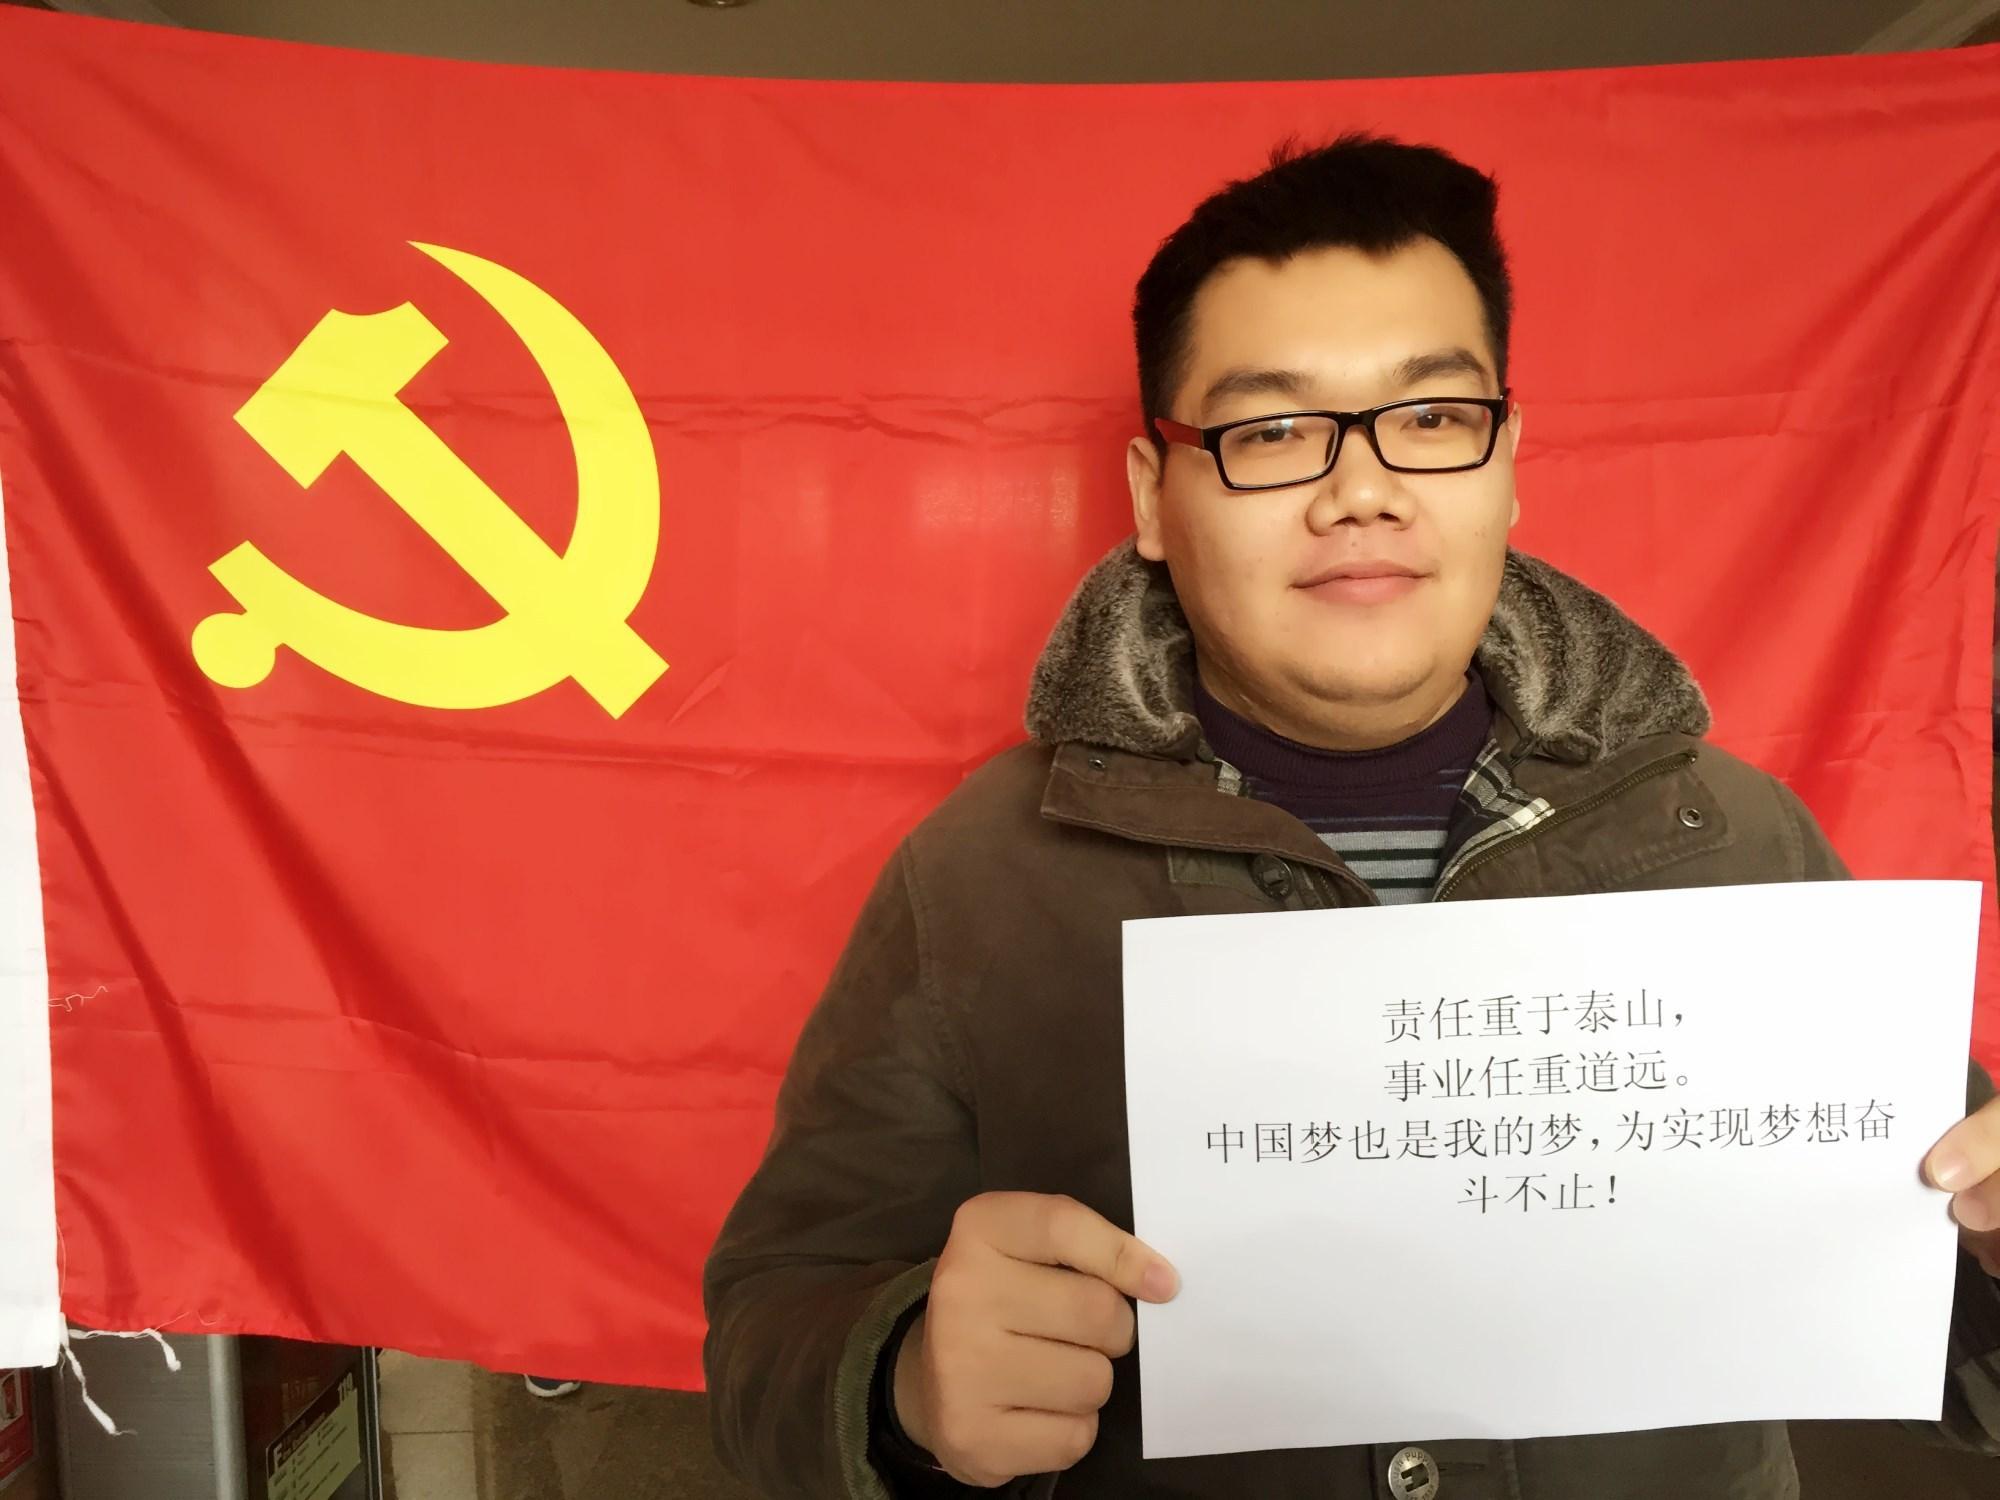 中国梦也是我的梦,为实现梦想奋斗不止!